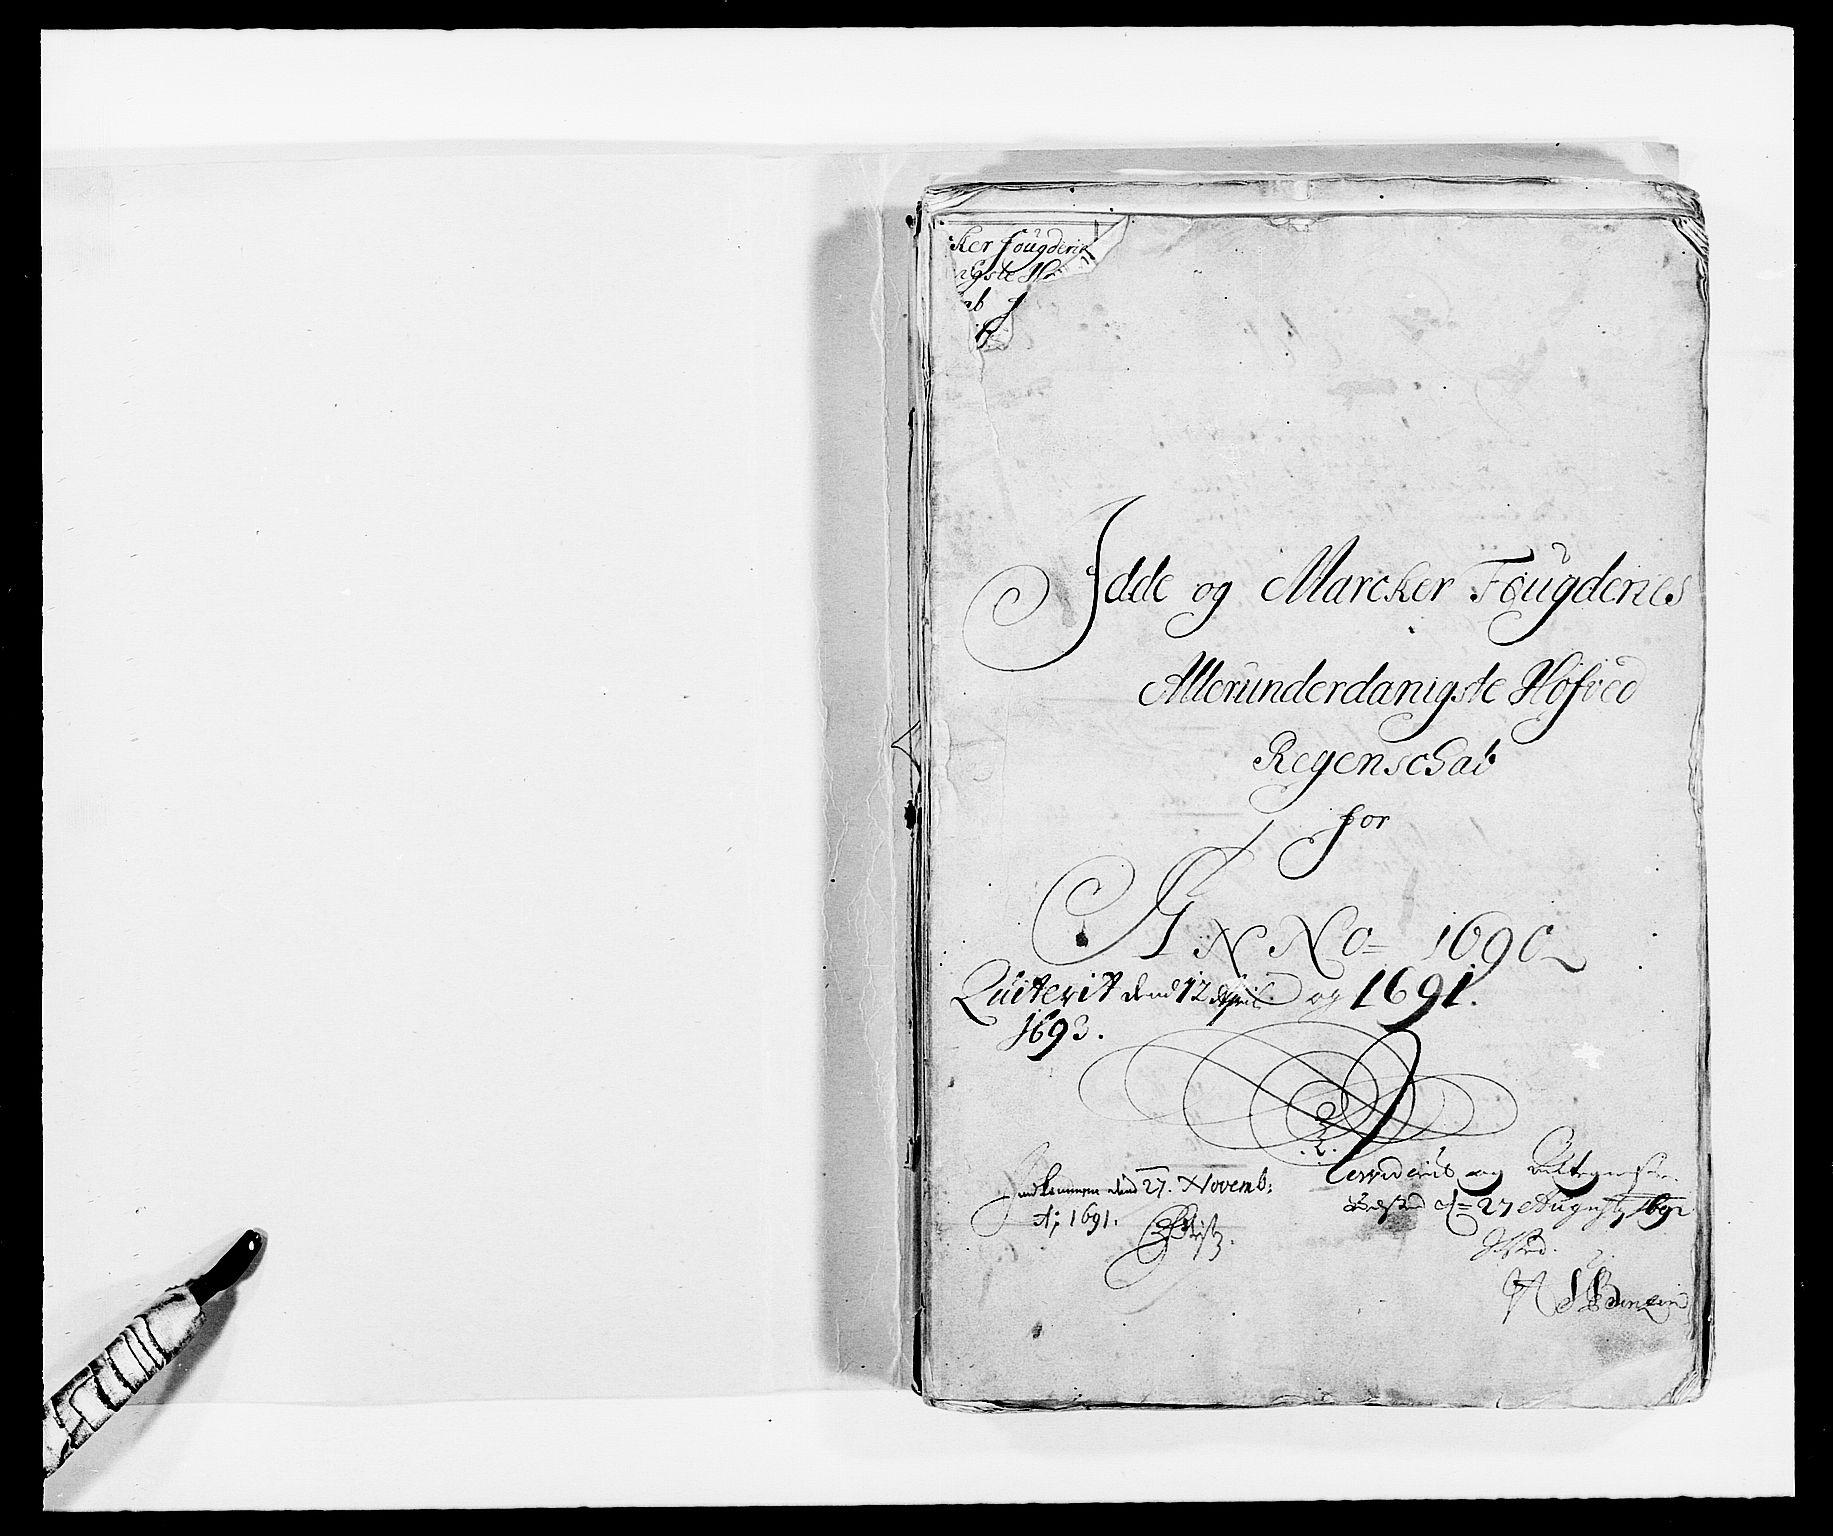 RA, Rentekammeret inntil 1814, Reviderte regnskaper, Fogderegnskap, R01/L0010: Fogderegnskap Idd og Marker, 1690-1691, p. 2